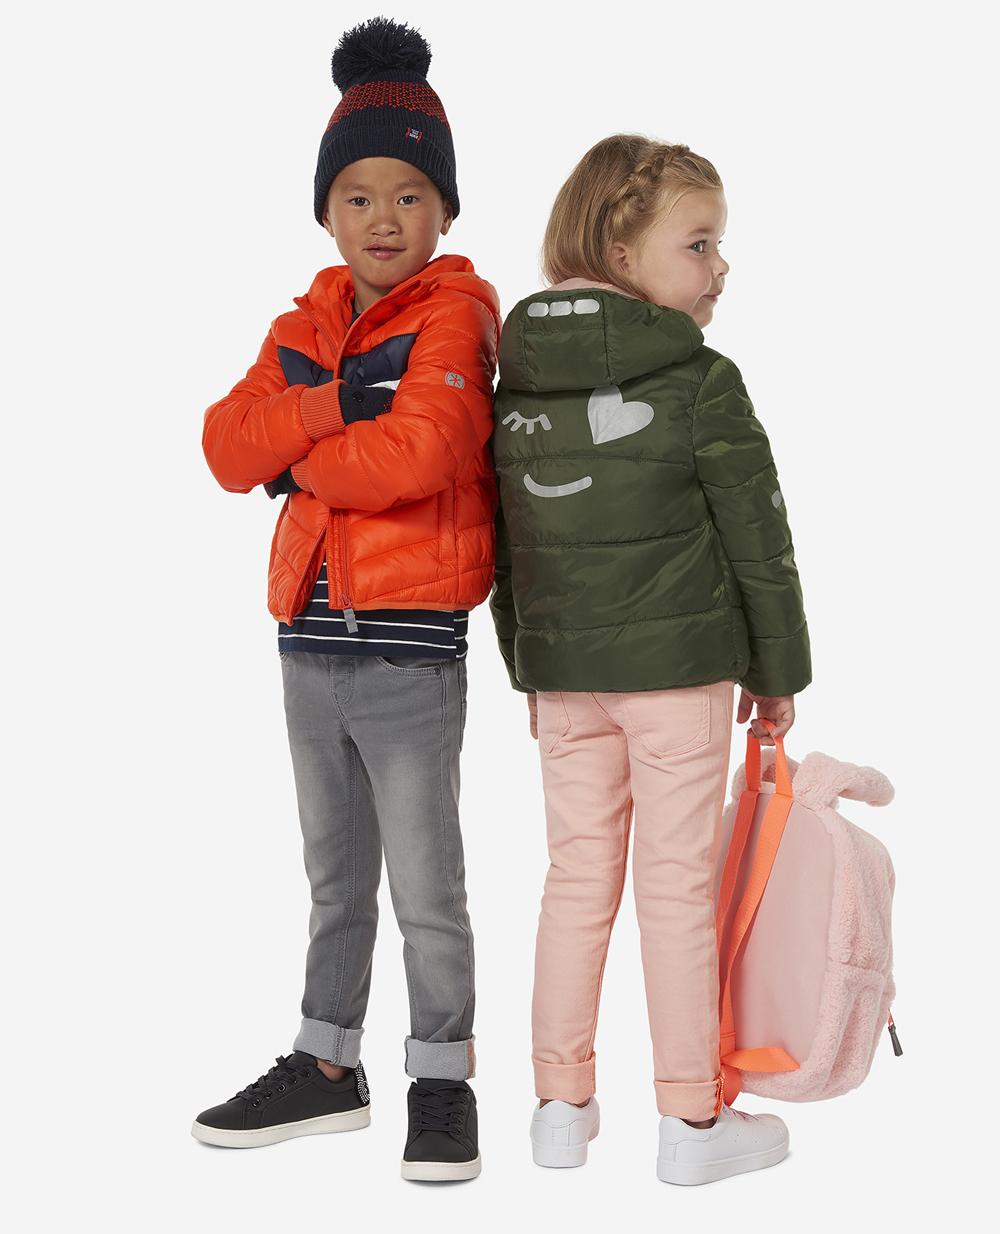 Kinderkleding Betaalbaar.Goedkope Jongens Kleding Budget Tip Jongenskleding Boyslabel